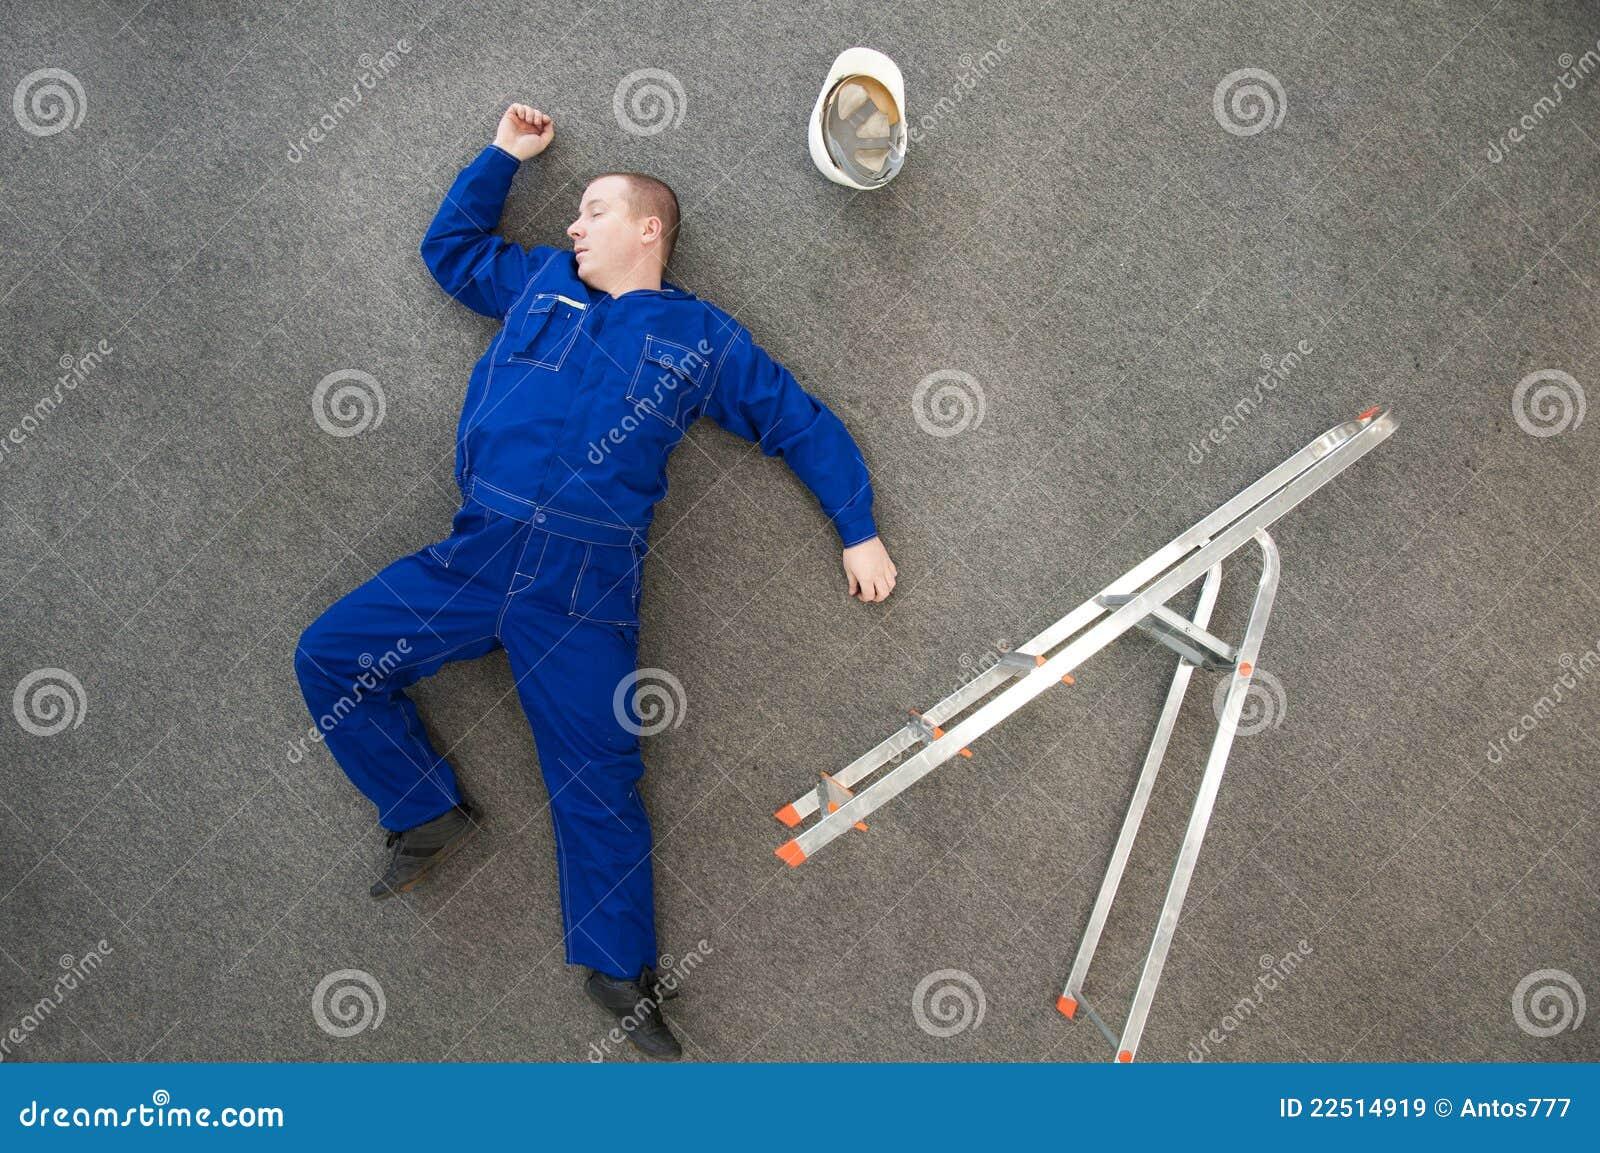 Workman fallen off ladder